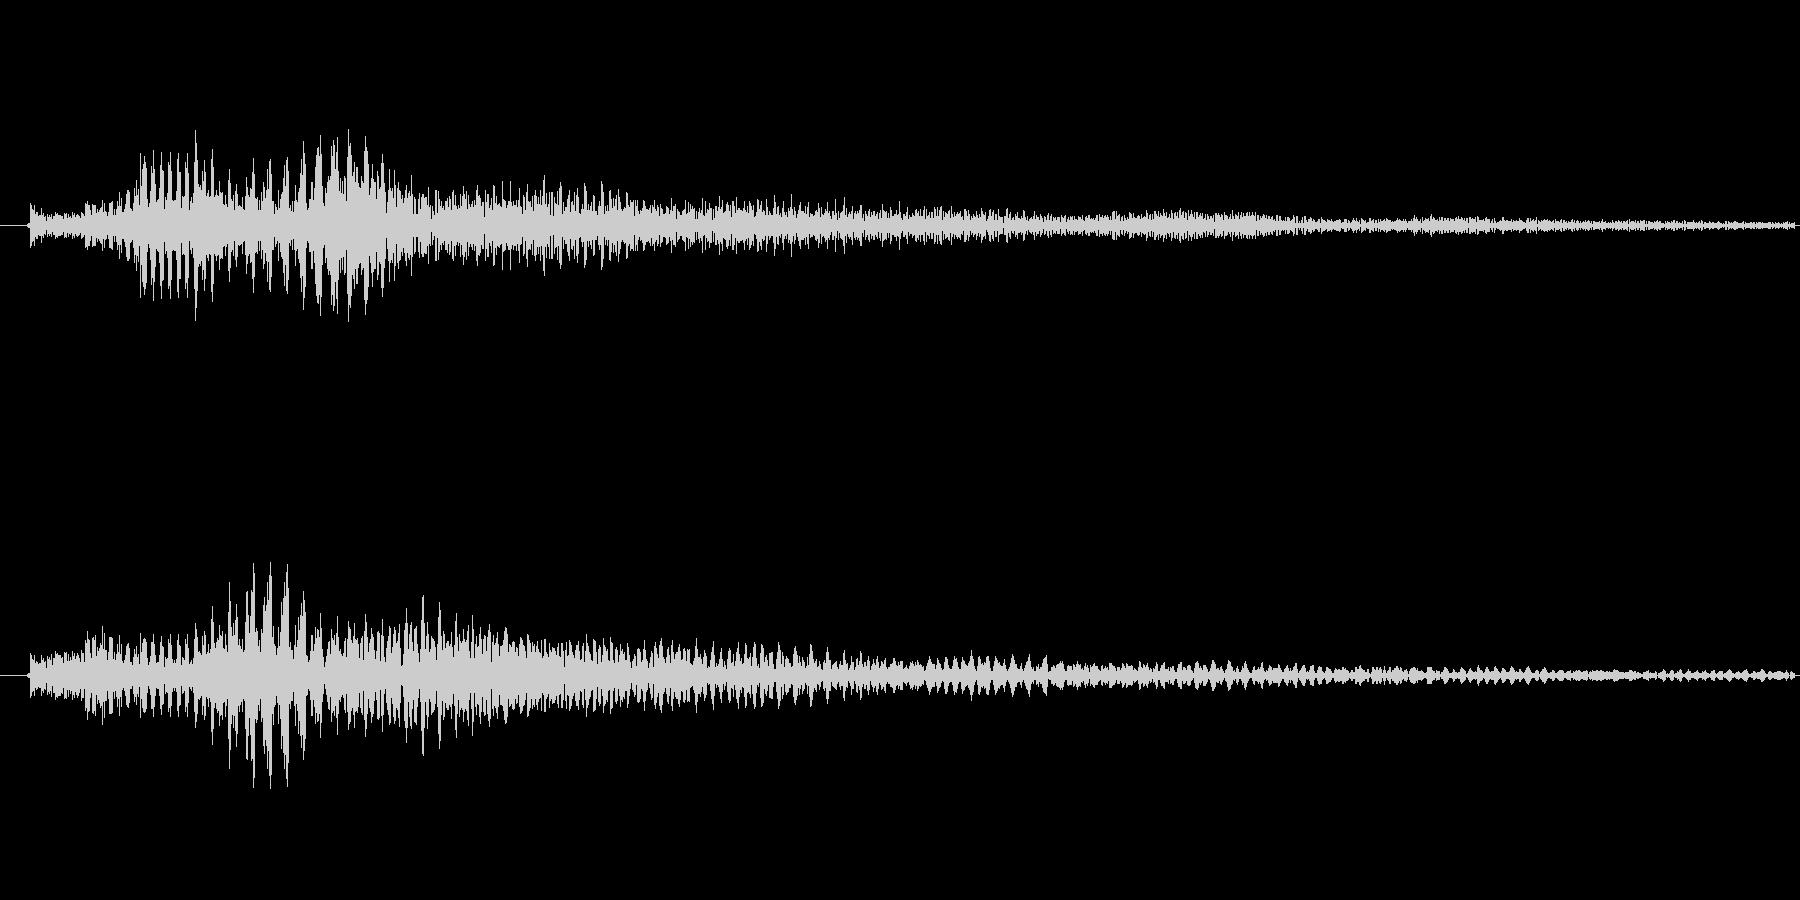 明るい雰囲気の「ぽろろん」という効果音…の未再生の波形